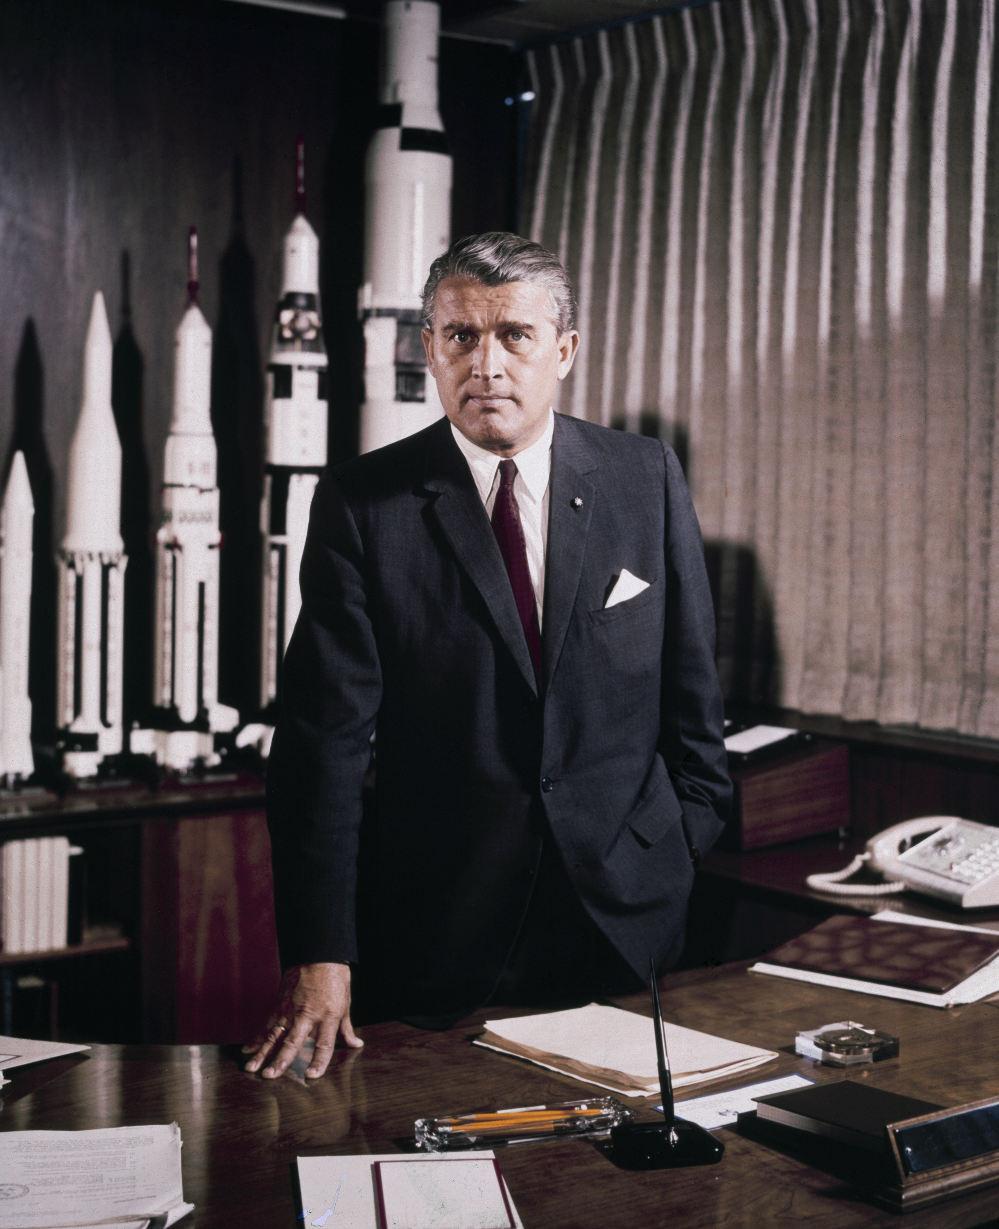 Il y a 40 ans disparaissait Wernher von Braun